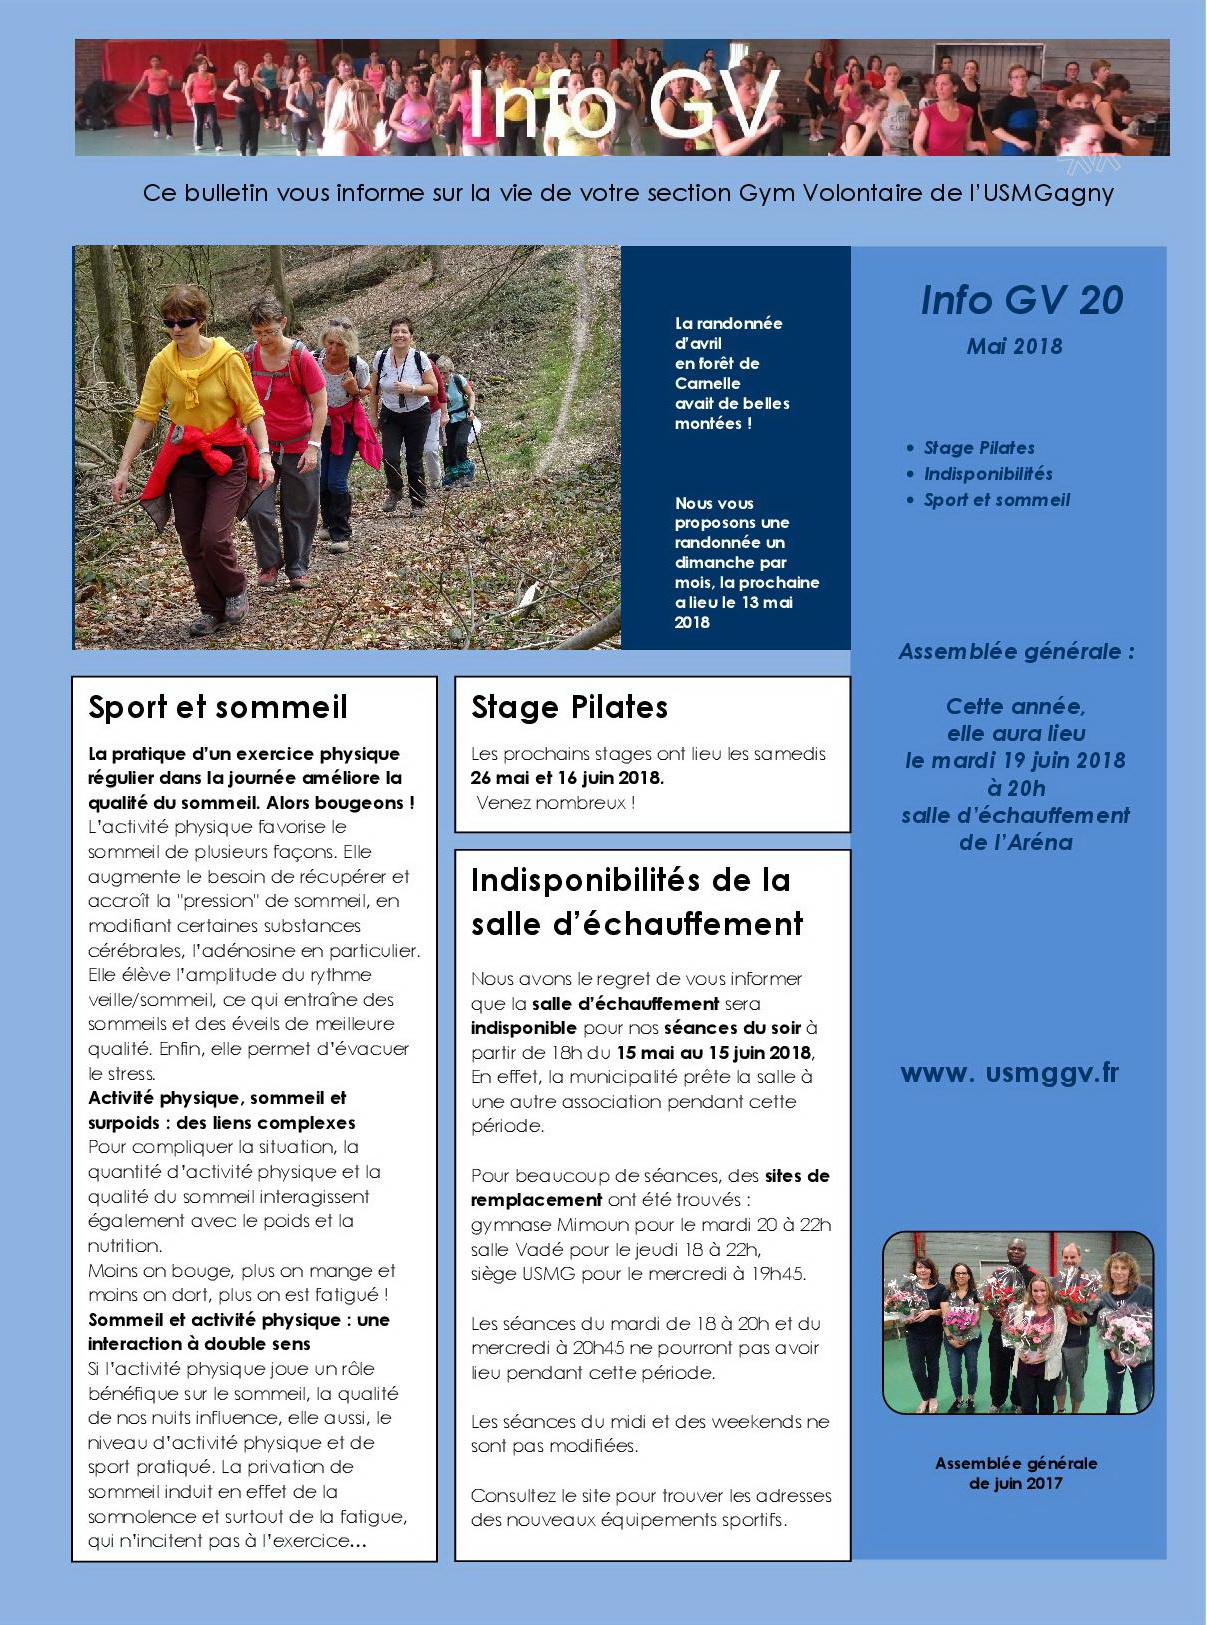 Info gv 20